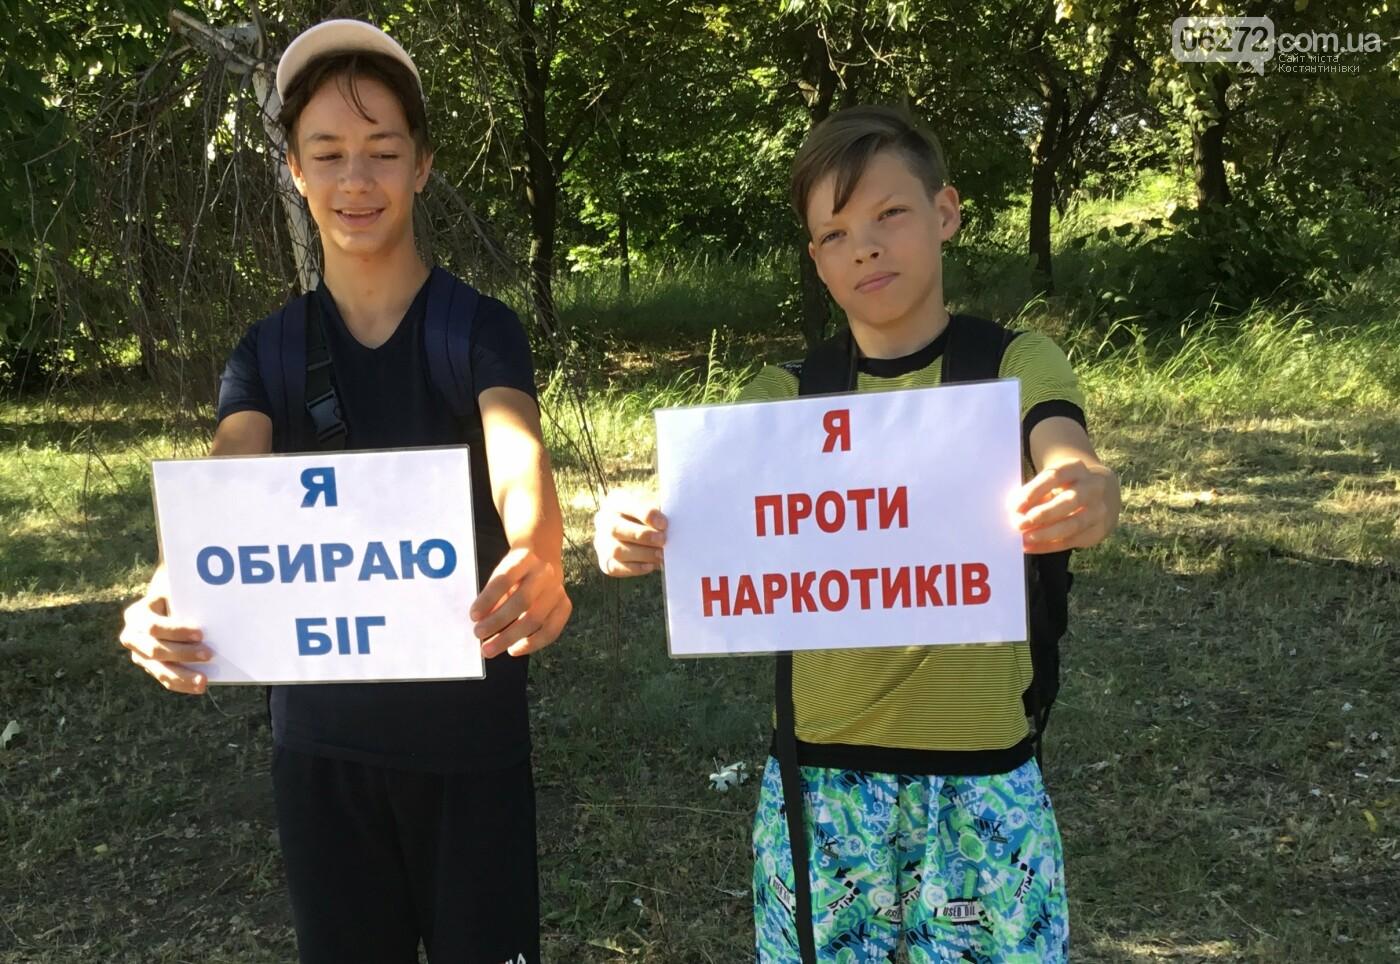 У Костянтинівці долучилися до забігу #ЯпротиНаркотиків #ЯОбираюБіг #УкраїнаБіжить, фото-3